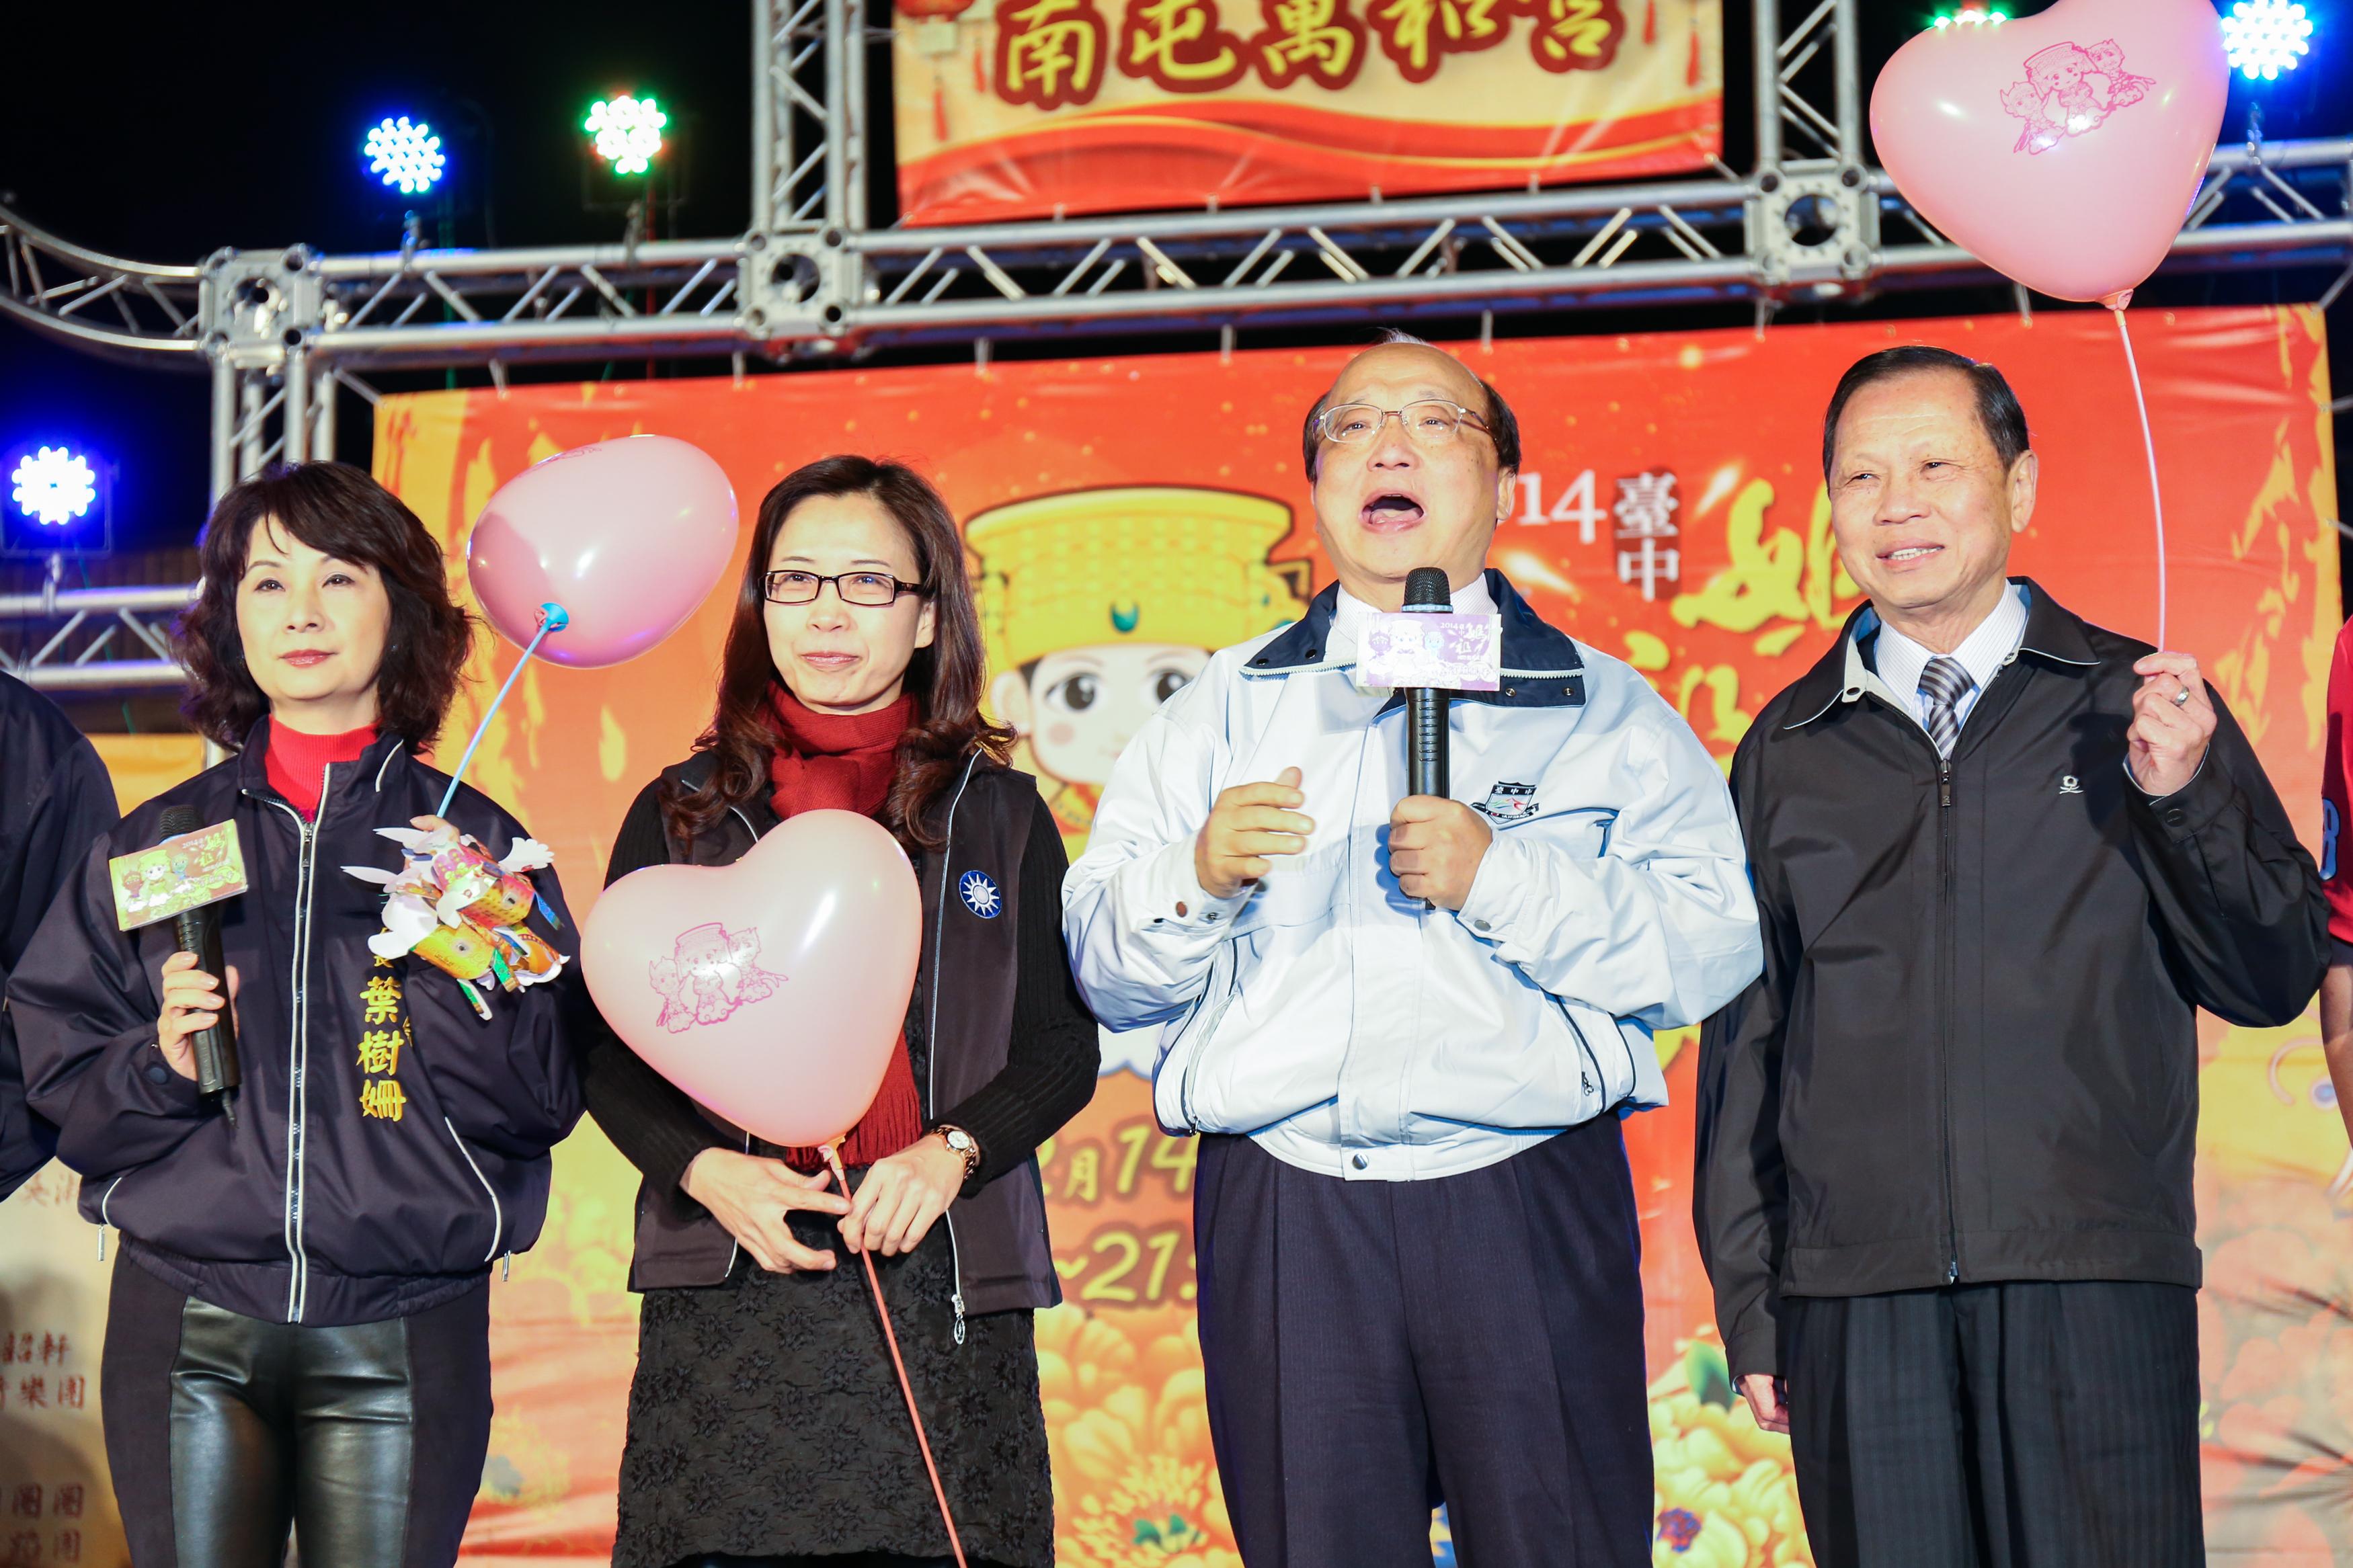 台中媽祖國際觀光文化節在萬和宮,台中婚錄推薦6